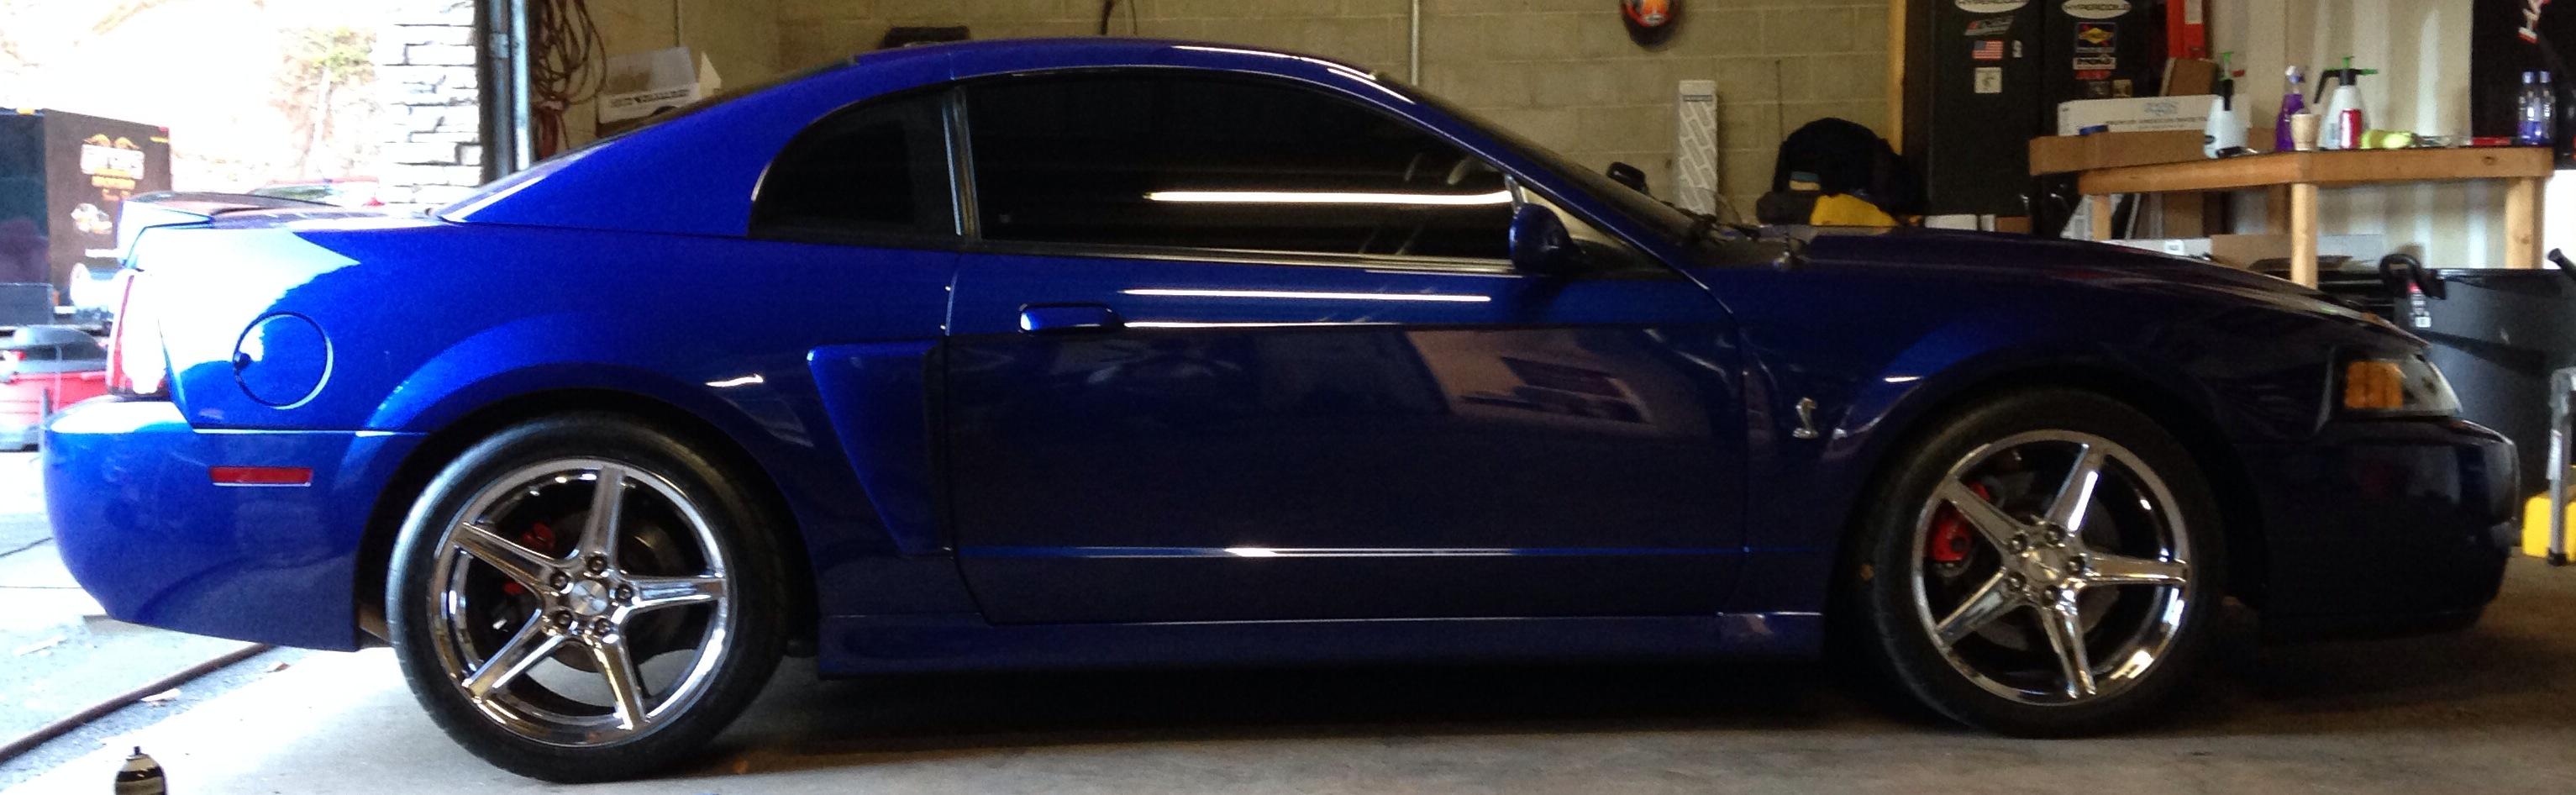 2004 Mustang Cobra Solar Shield Of Seneca